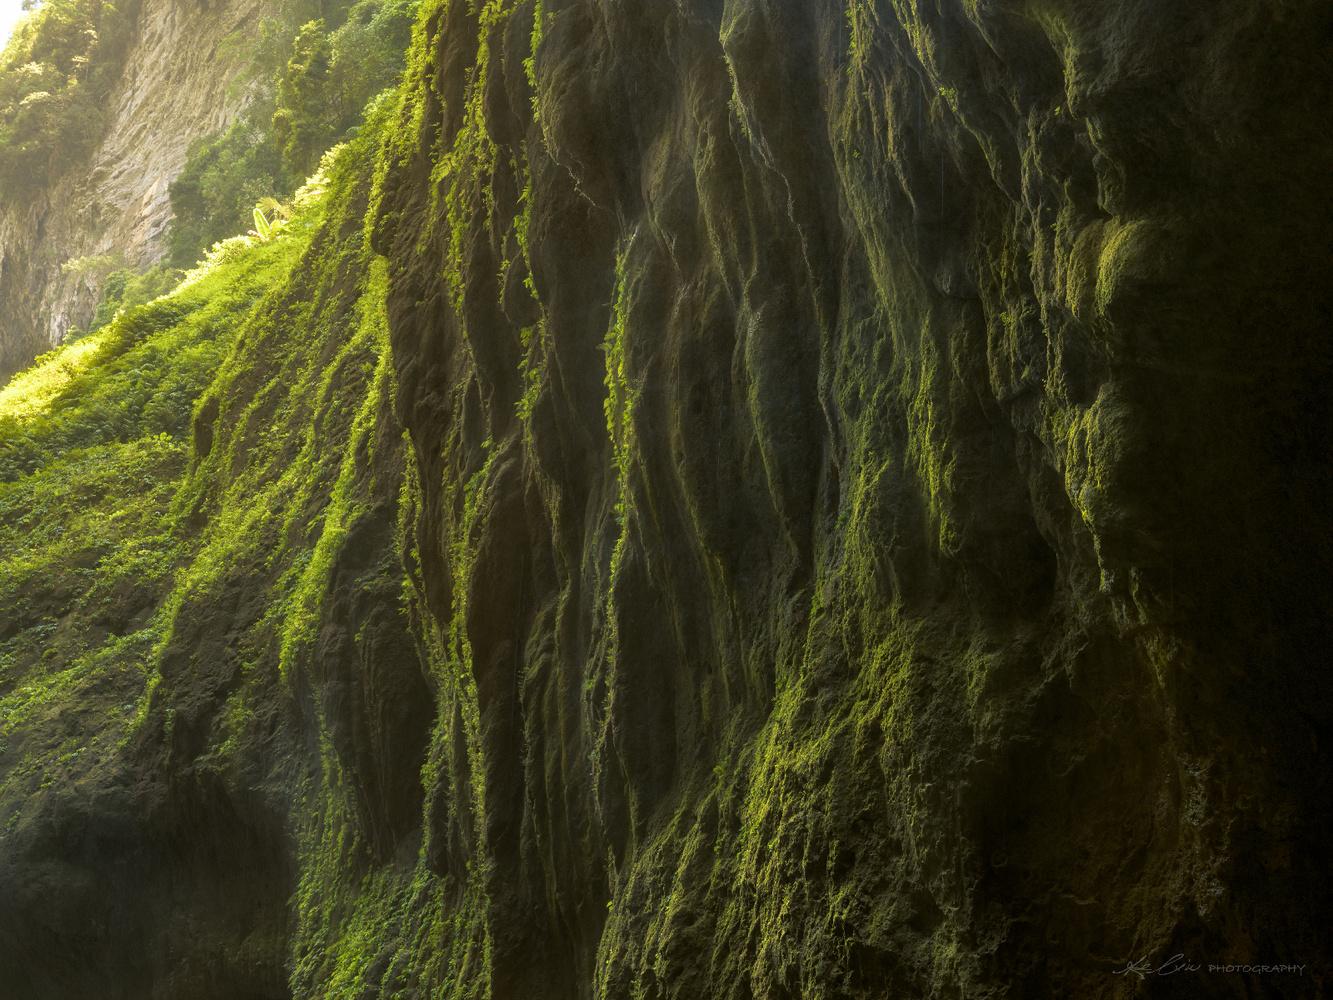 Edge of Green by Ke Liu